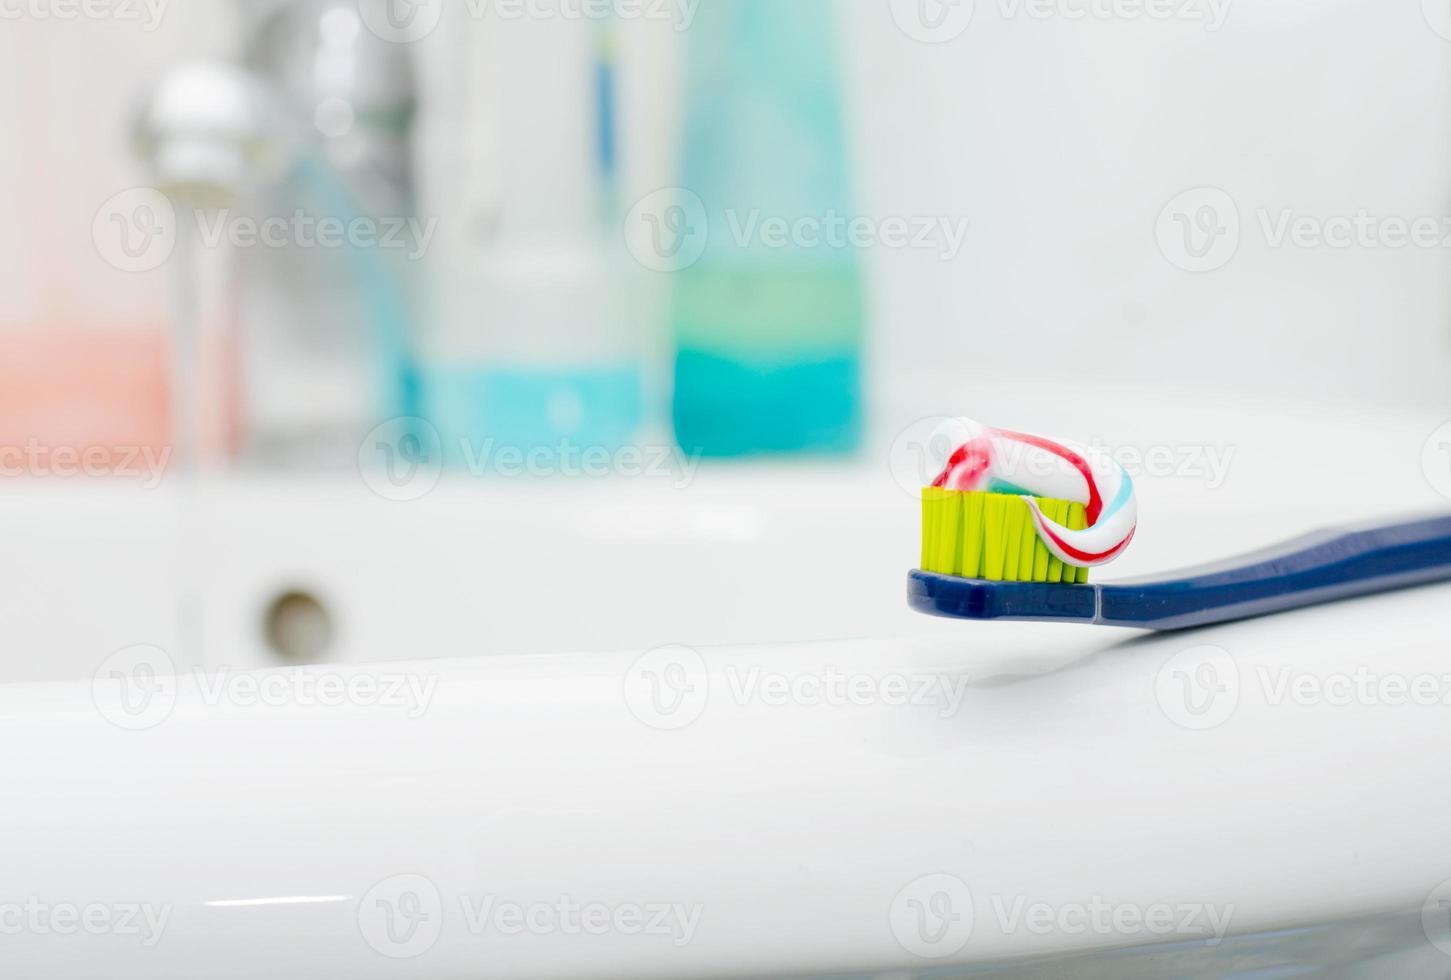 cepillo de dientes con pasta dental en el fregadero foto